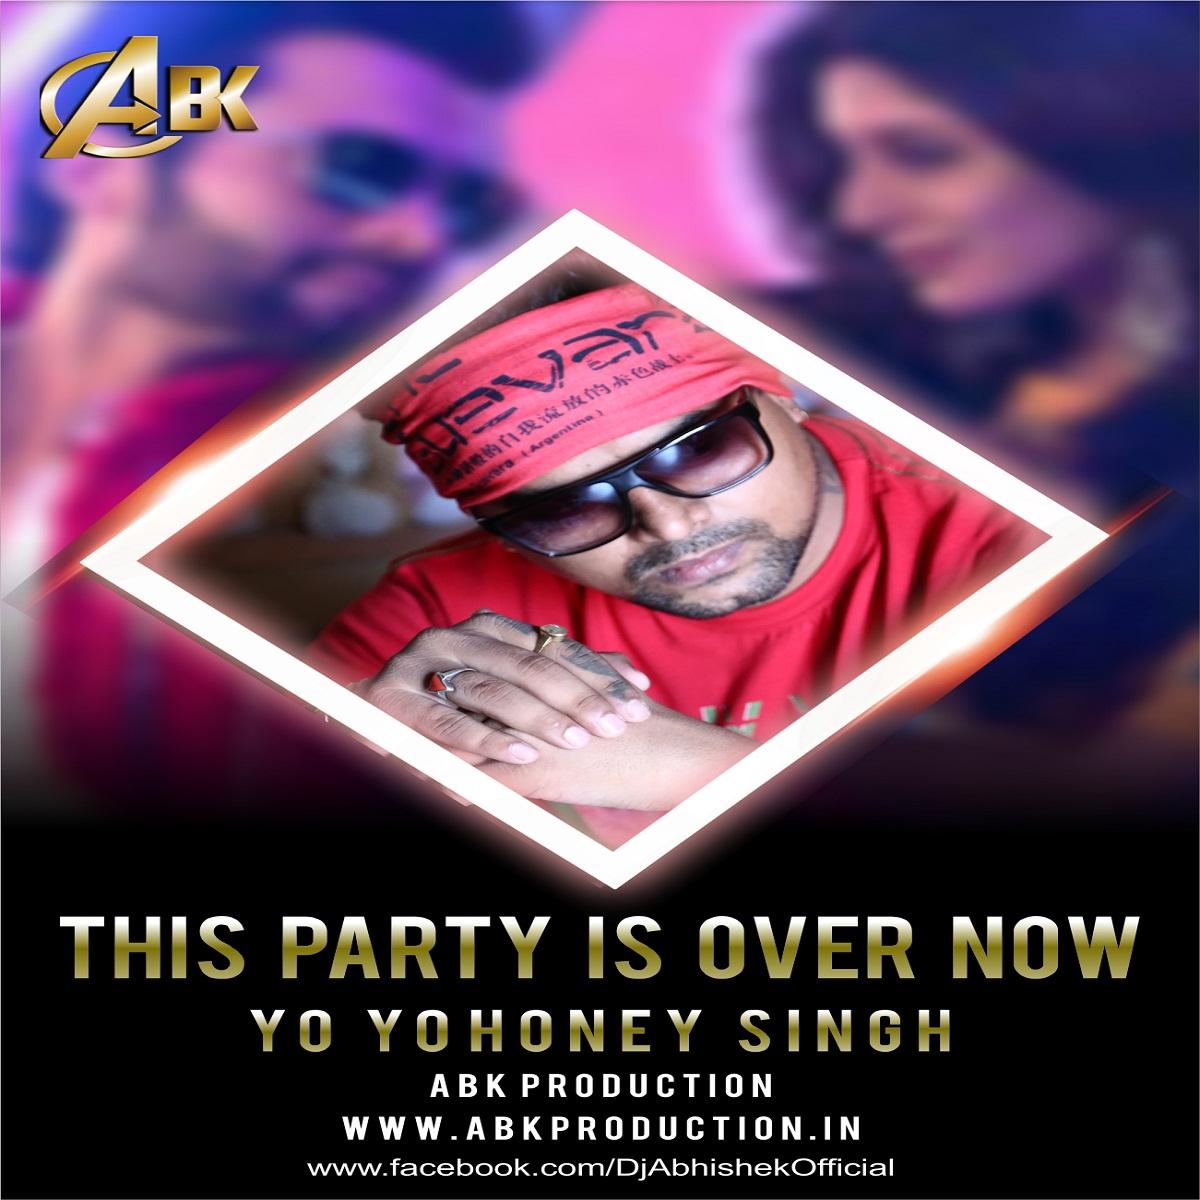 Download Sakhiyan: This Party Is Over Now (Remix) Yo Yo Honey Singh [Abk